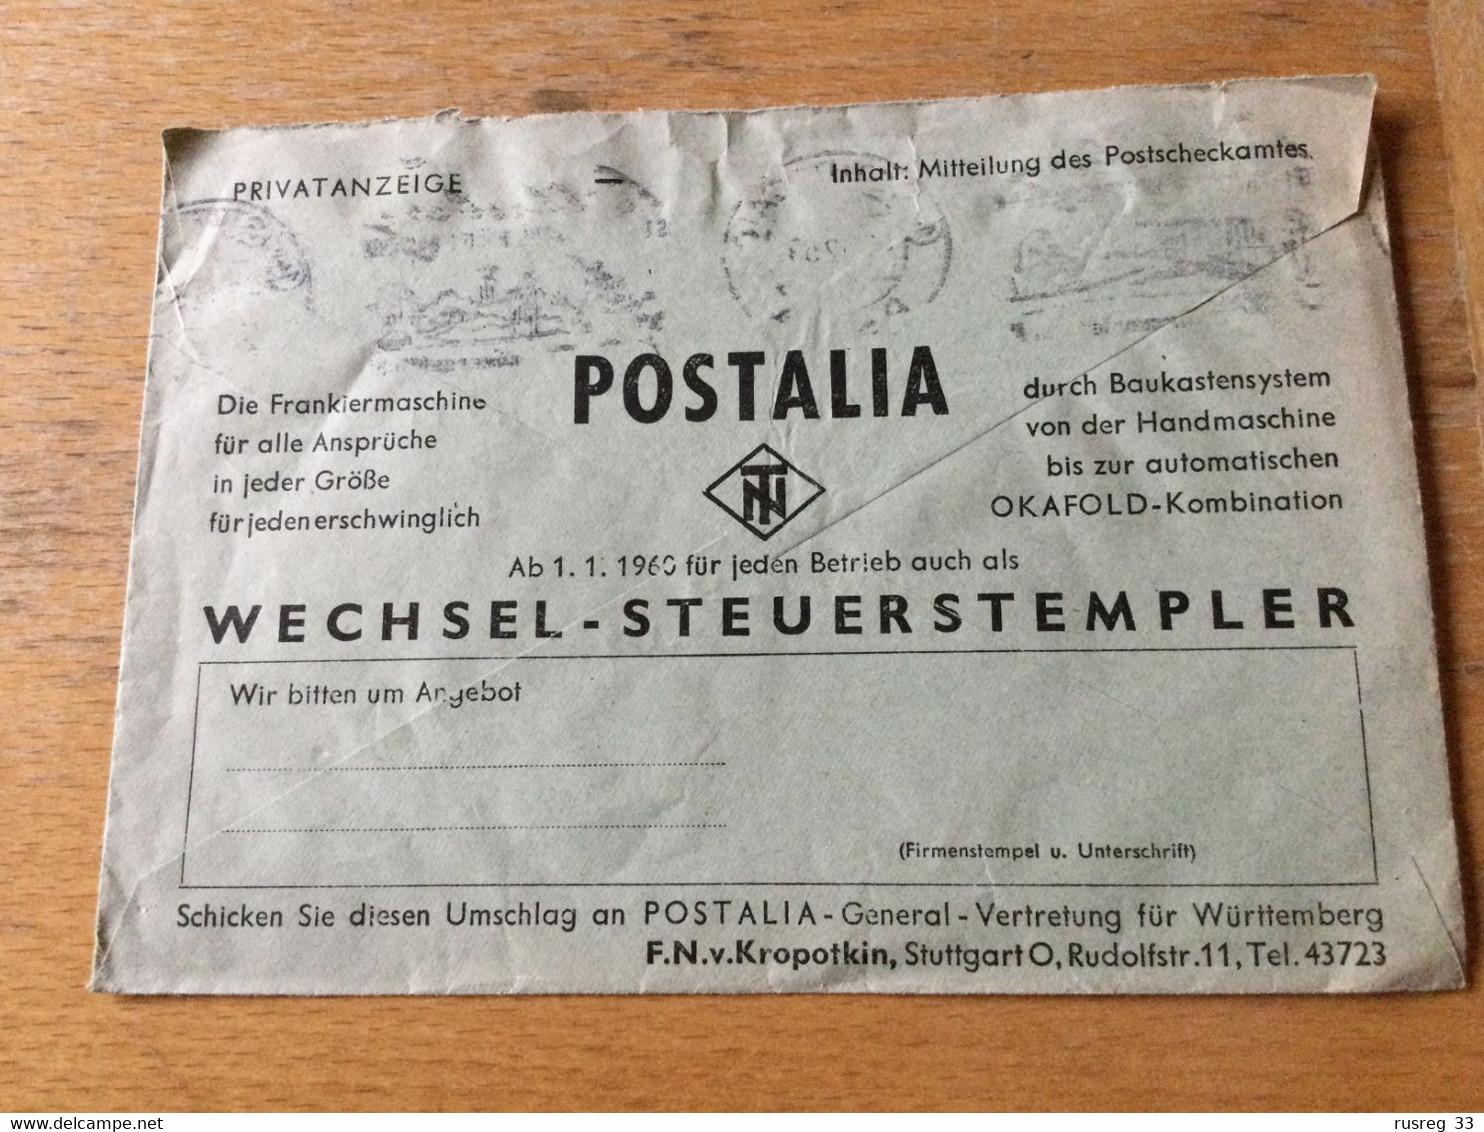 K13 BRD 1959 Brief Vom Postscheckamt Stuttgart Mit Mwst. Und Werbung Postalia Postautomatisation - Covers & Documents